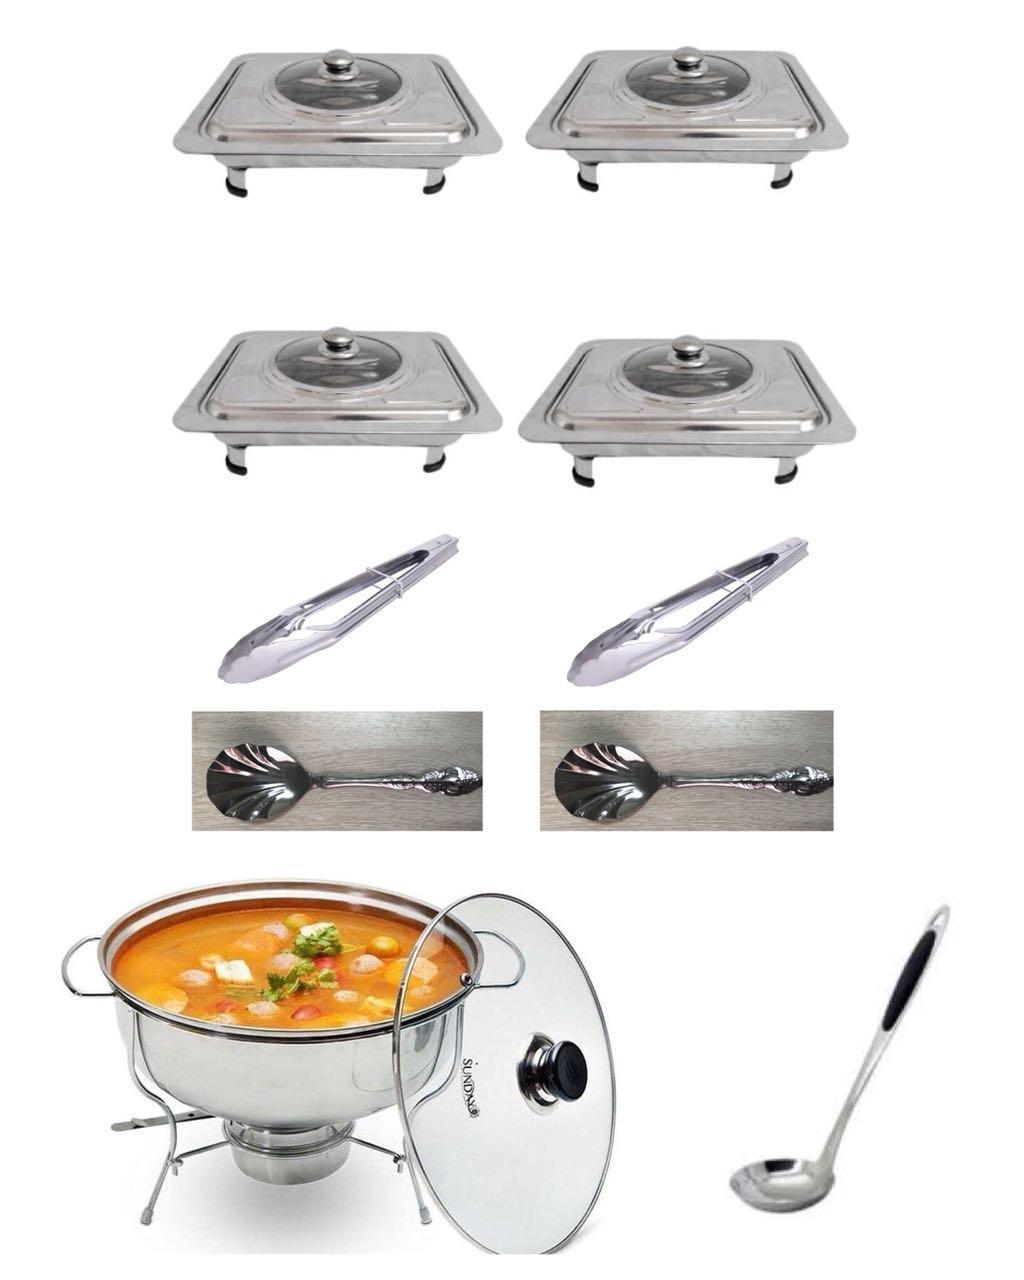 555 Wadah Saji Masakan - Prasmanan Set Isi 4, 1 Panci Soup, 2 Sendok Sayur, 2 Jepitan Makanan Stainless Steel, 1 Sendok Soup ( 10 In 1 ) By Maxi Store.